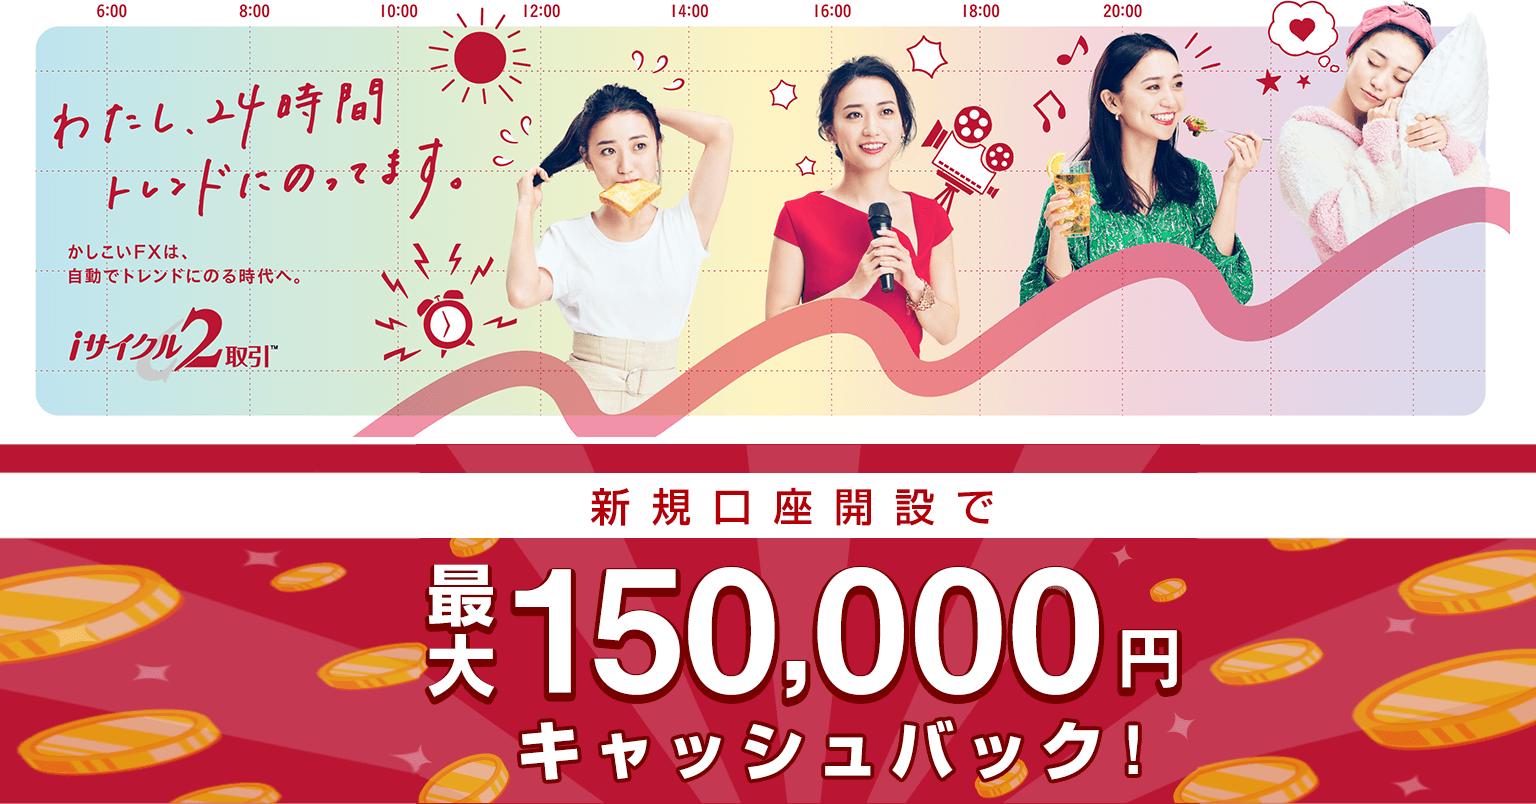 外為オンラインの新規口座開設キャンペーン!